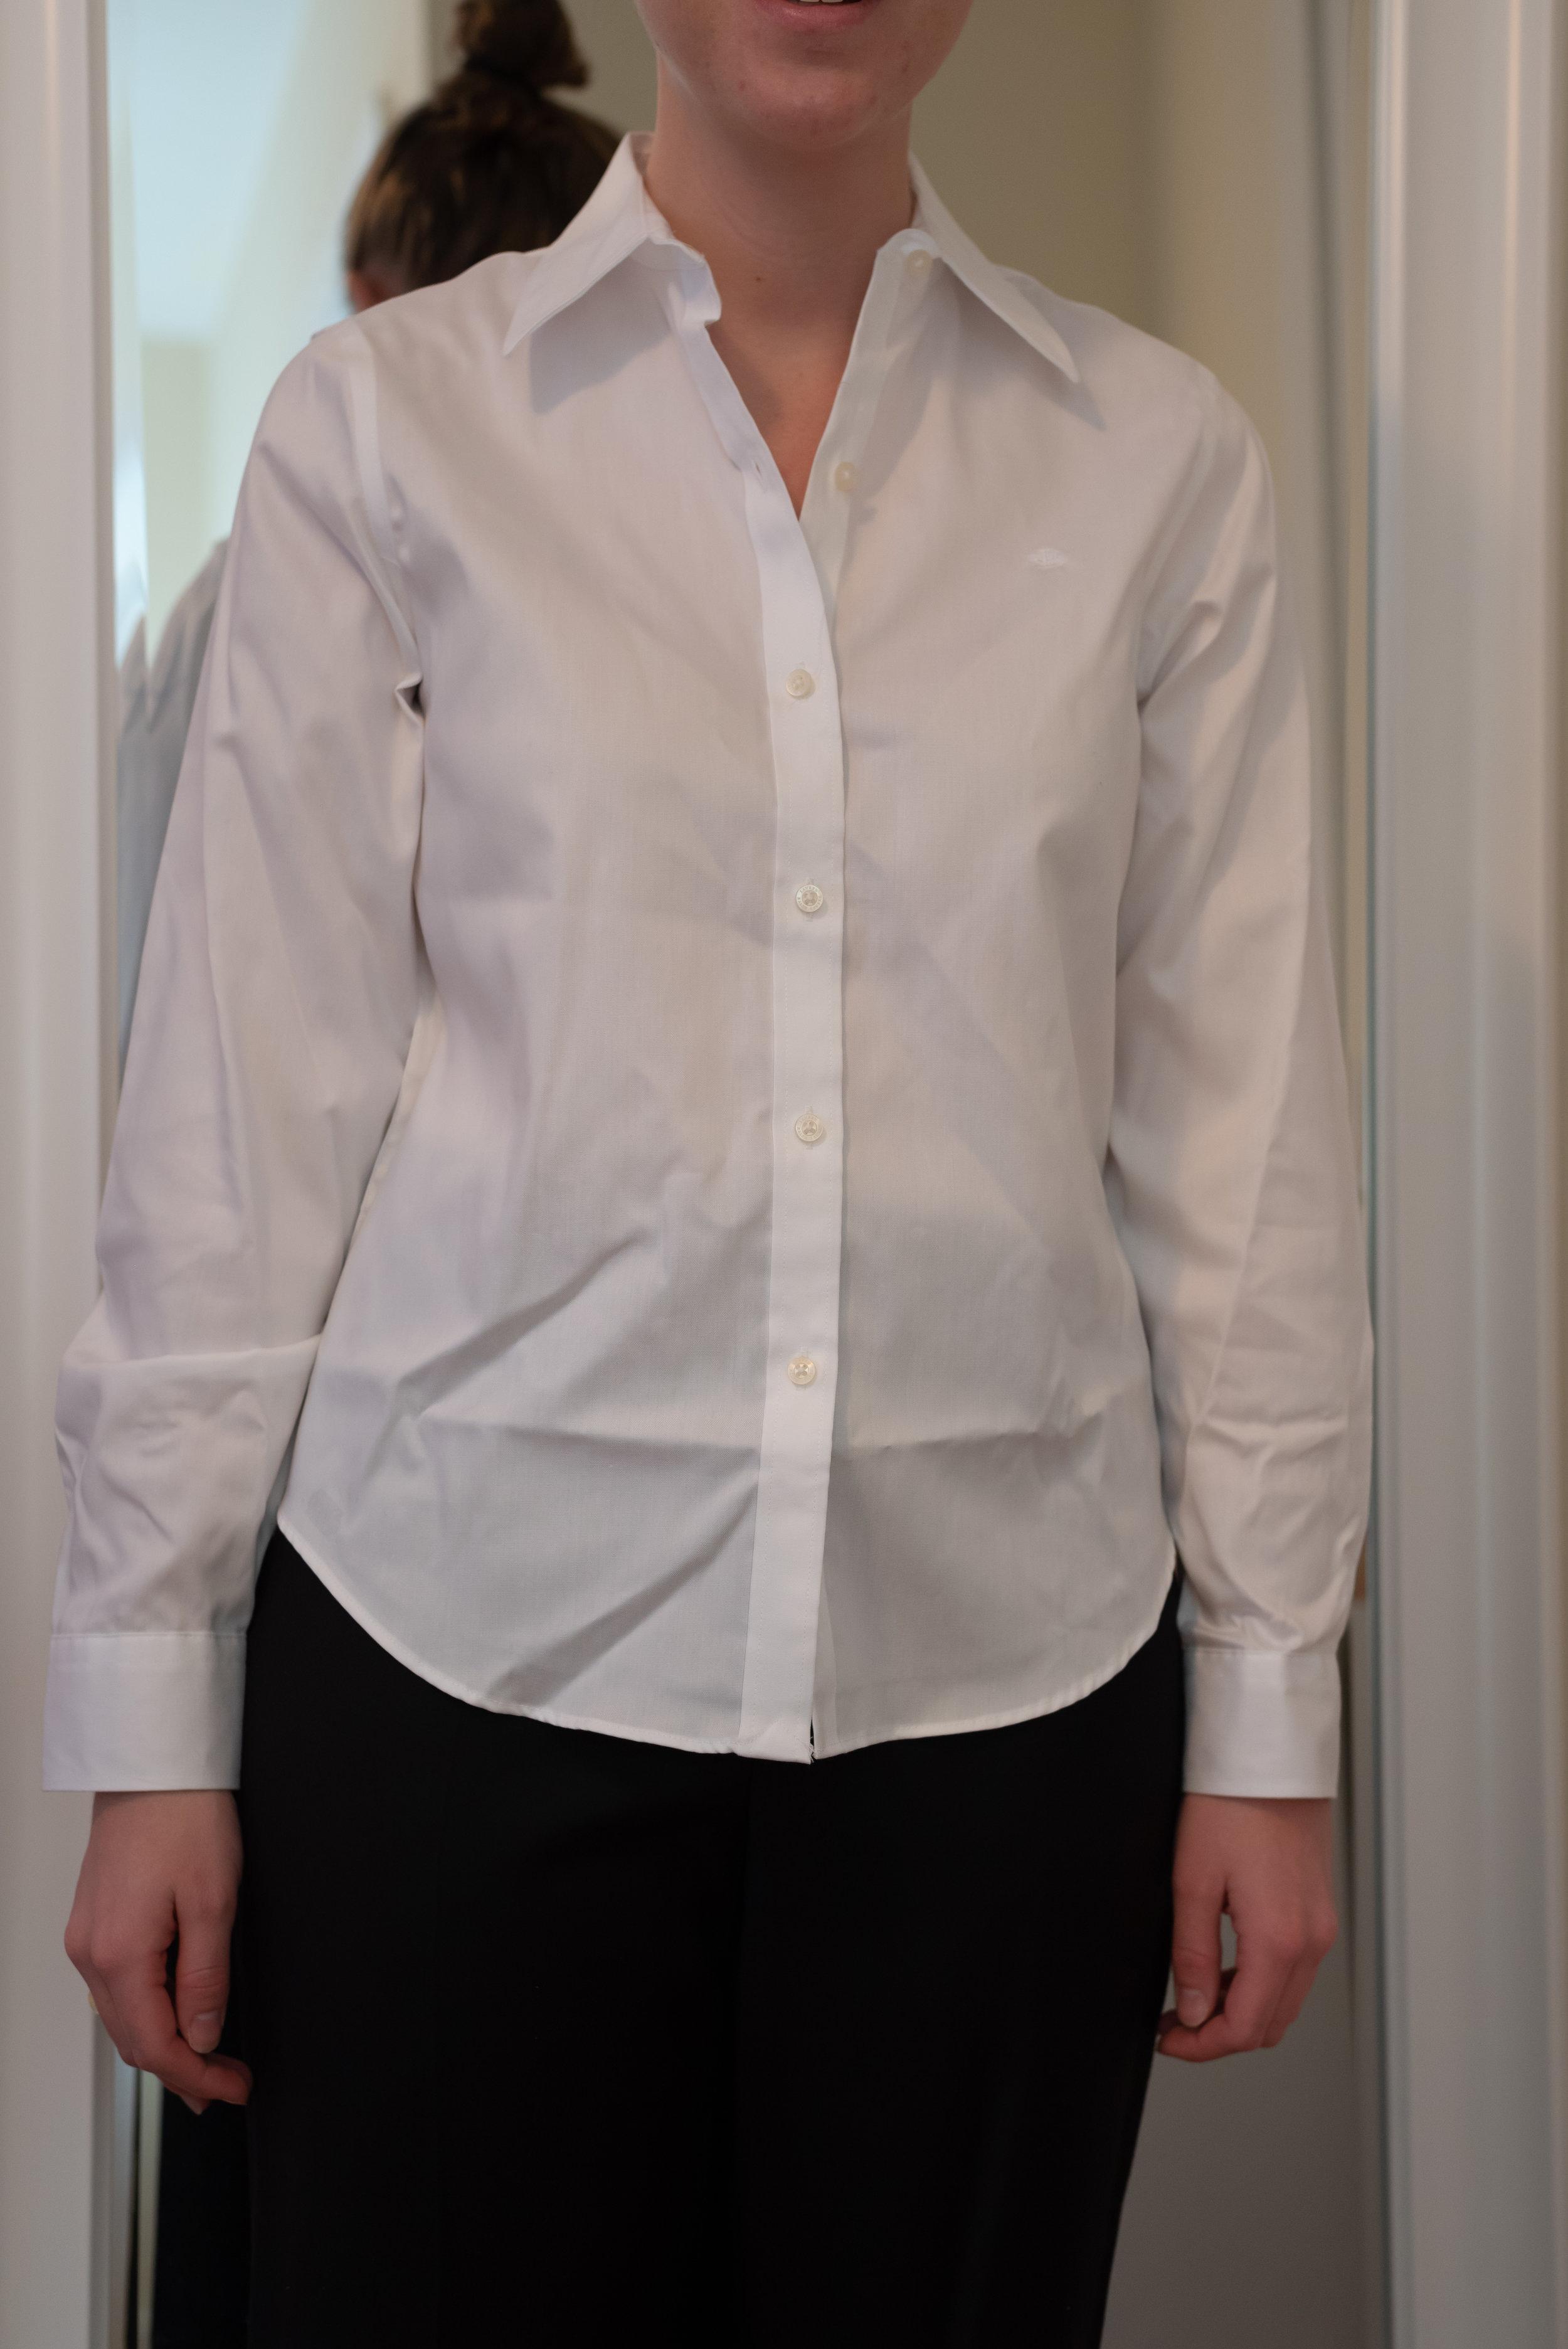 Ralph Lauren Cotton Button-Down Shirt - Size S Petite